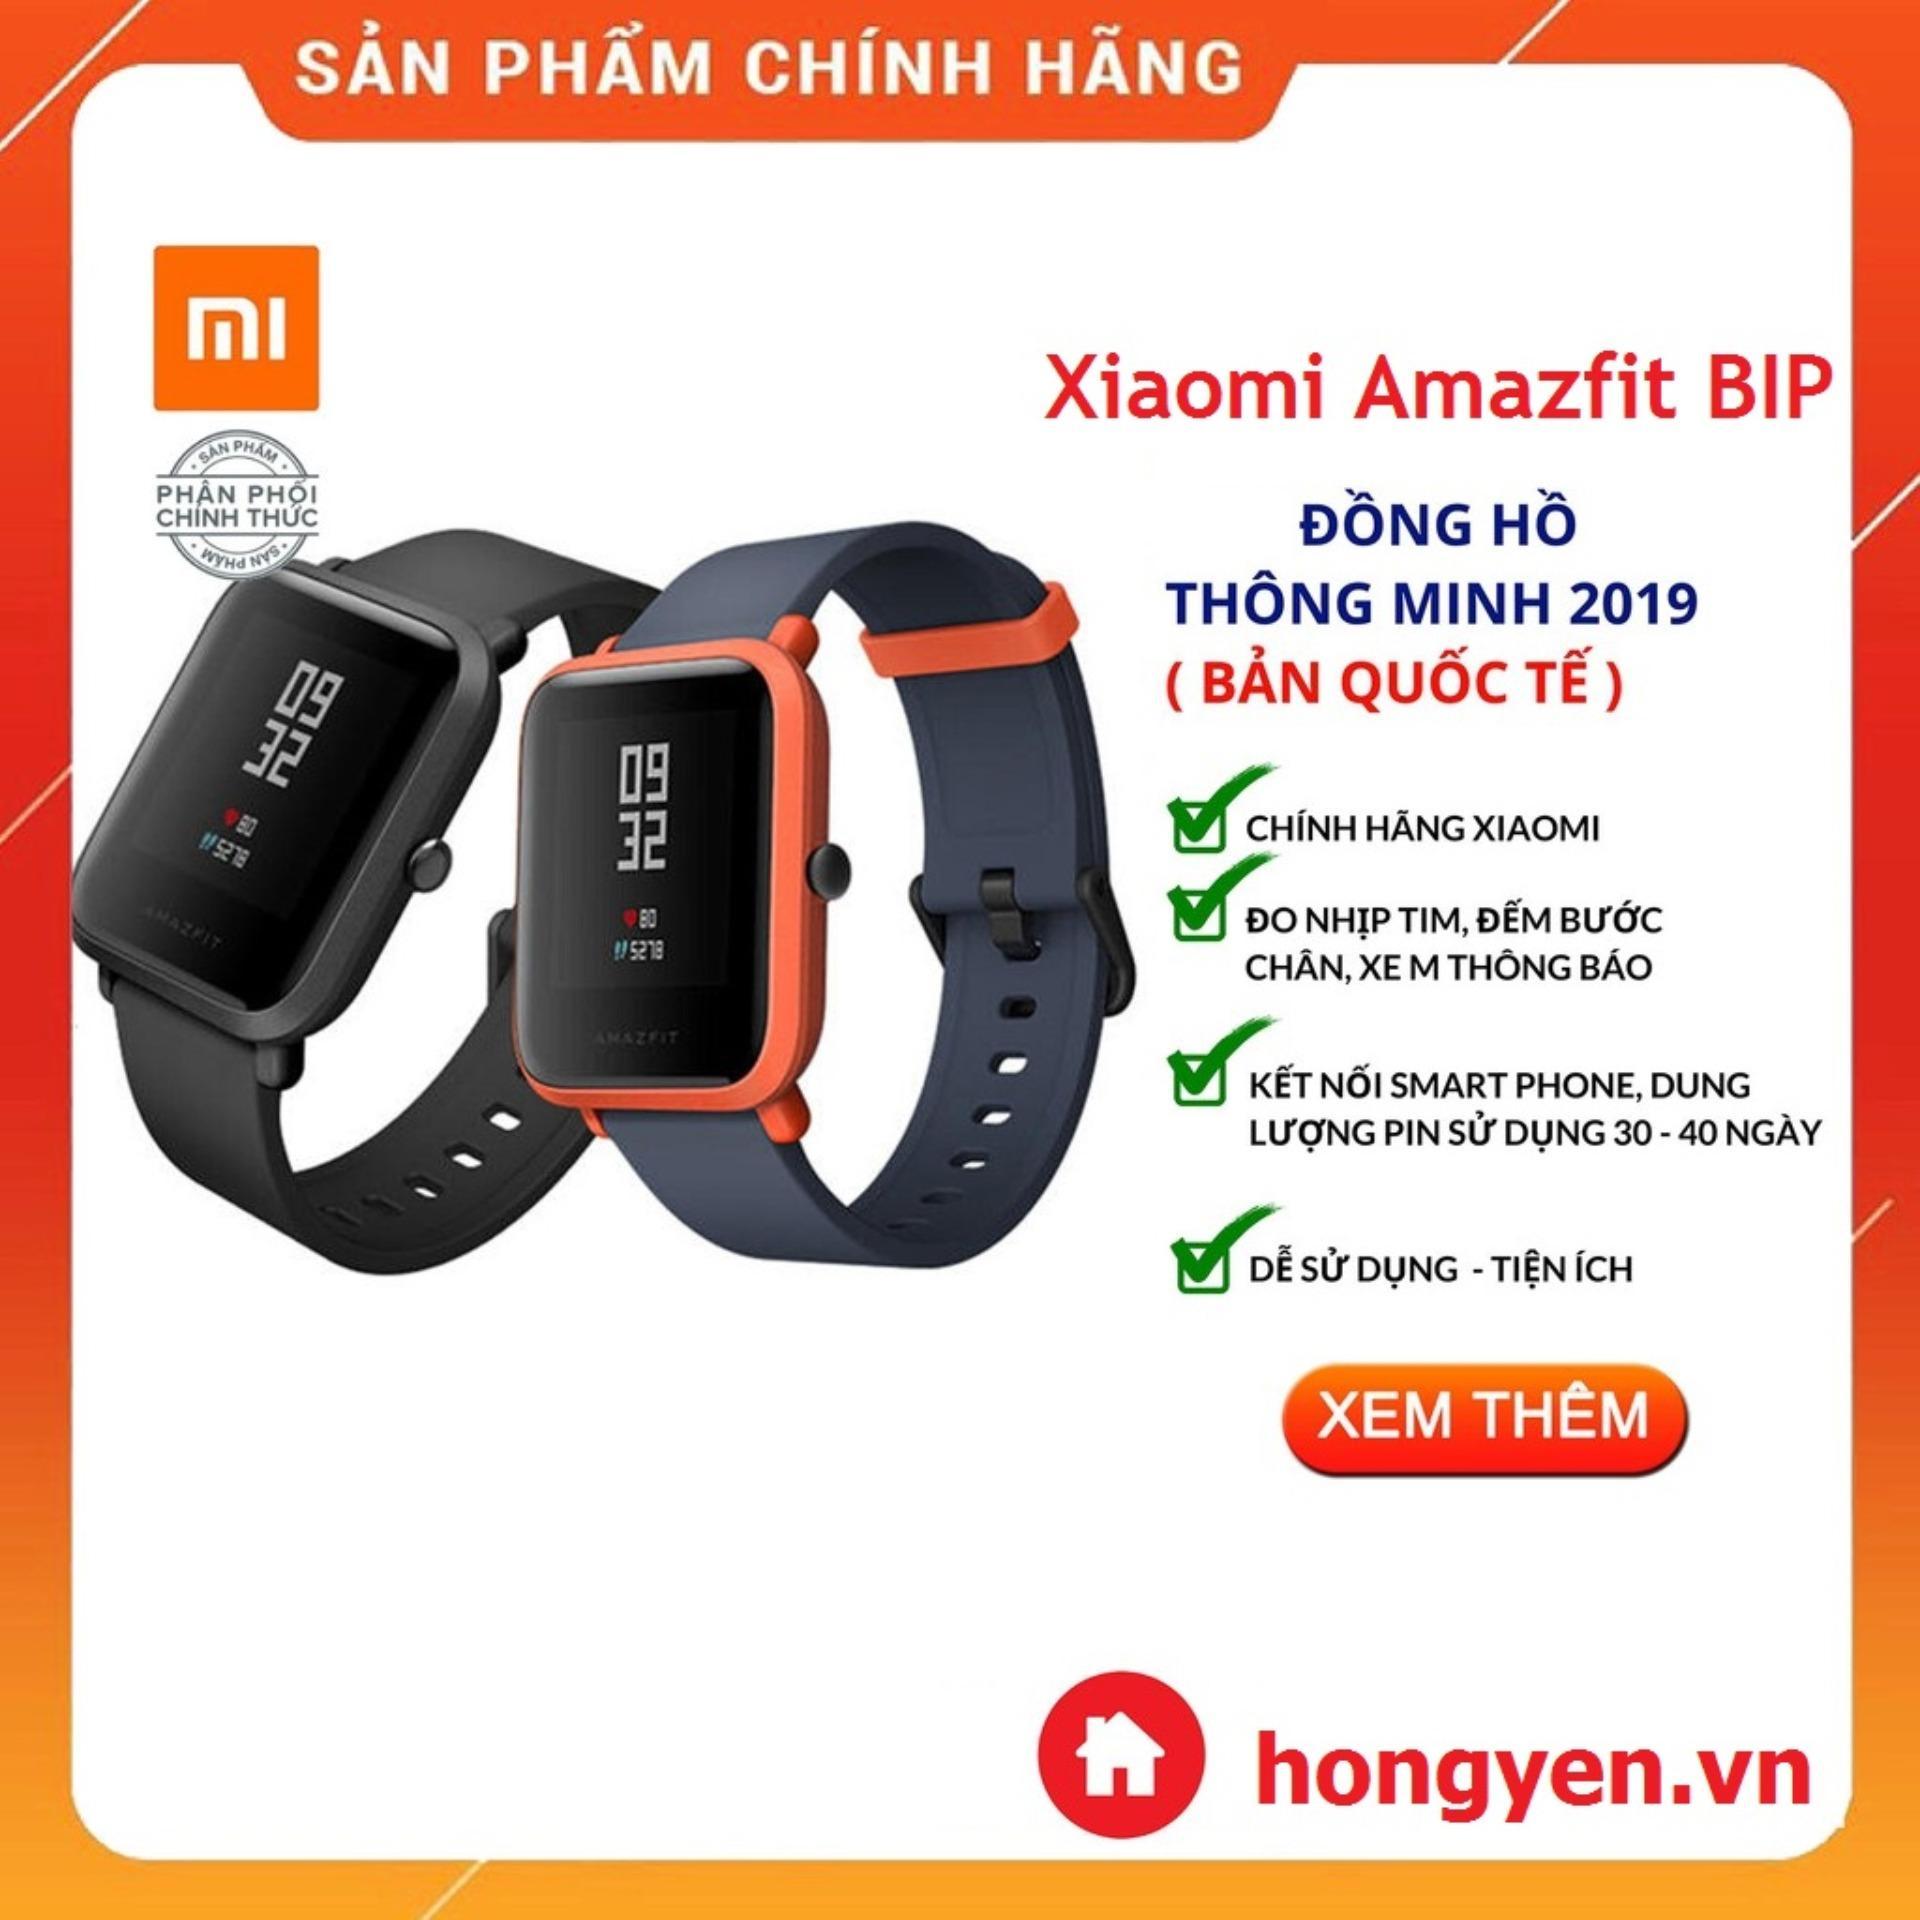 Giá Đồng hồ thông minh Xiaomi Amazfit Bip - Chính Hãng DGW